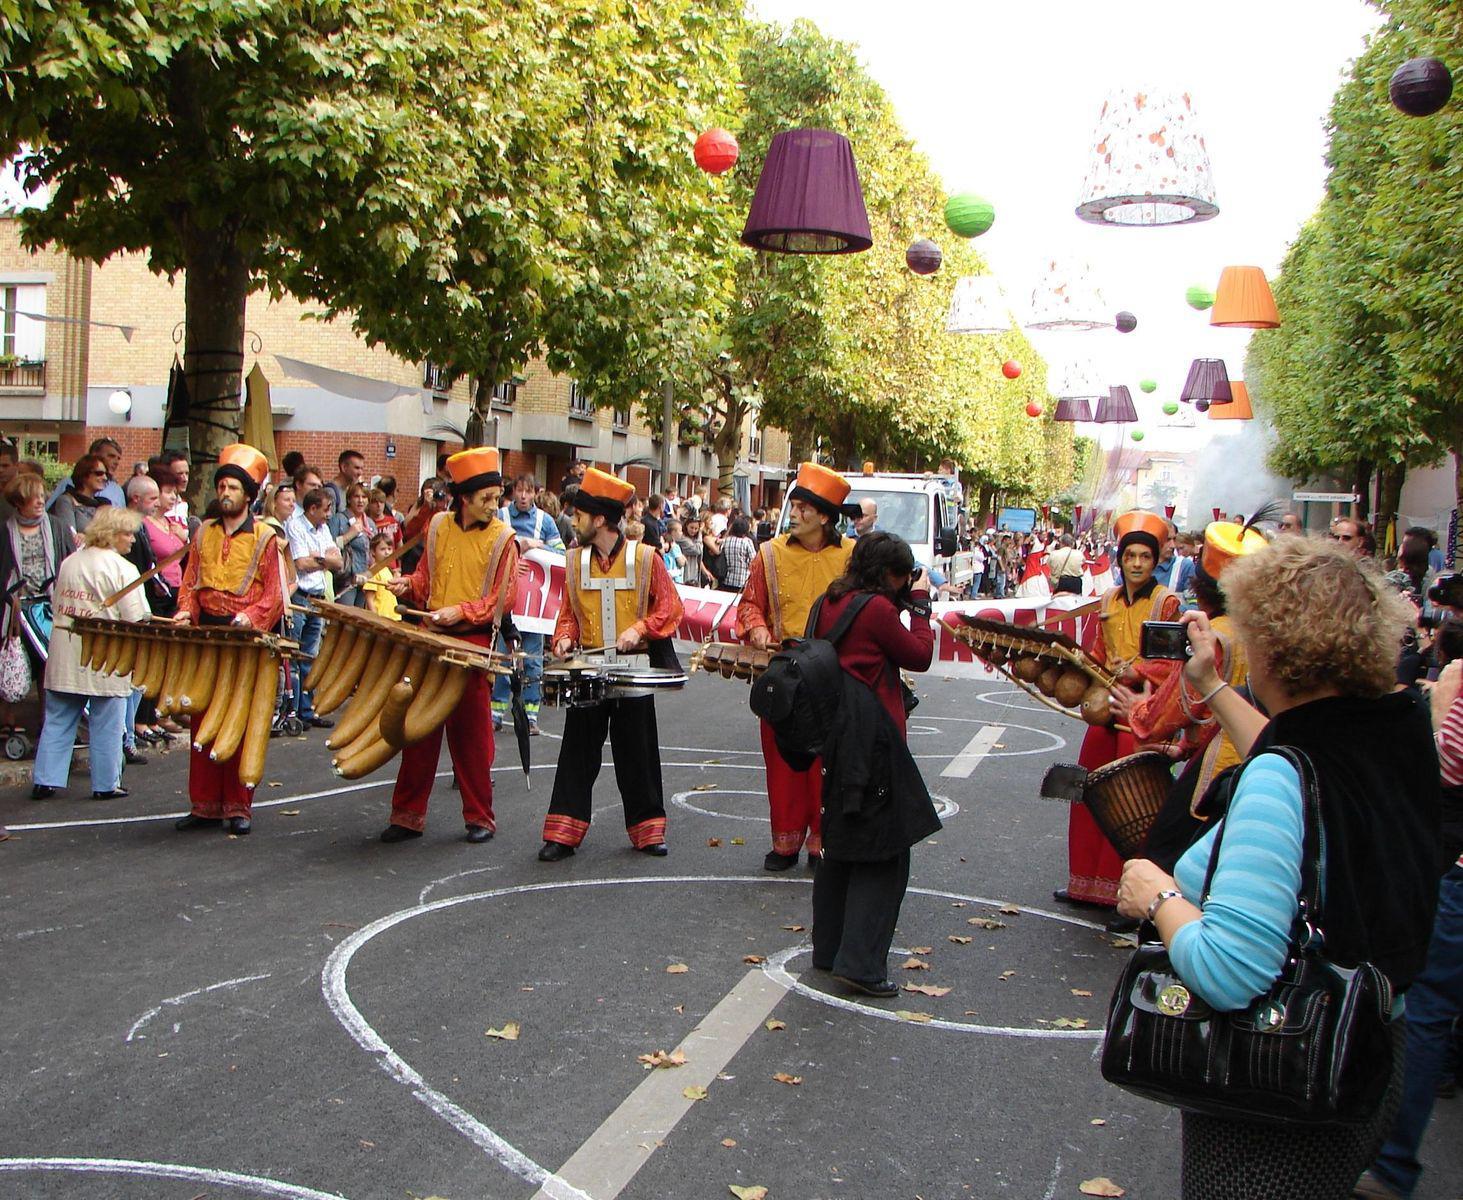 Festival des vendanges_Suresnes